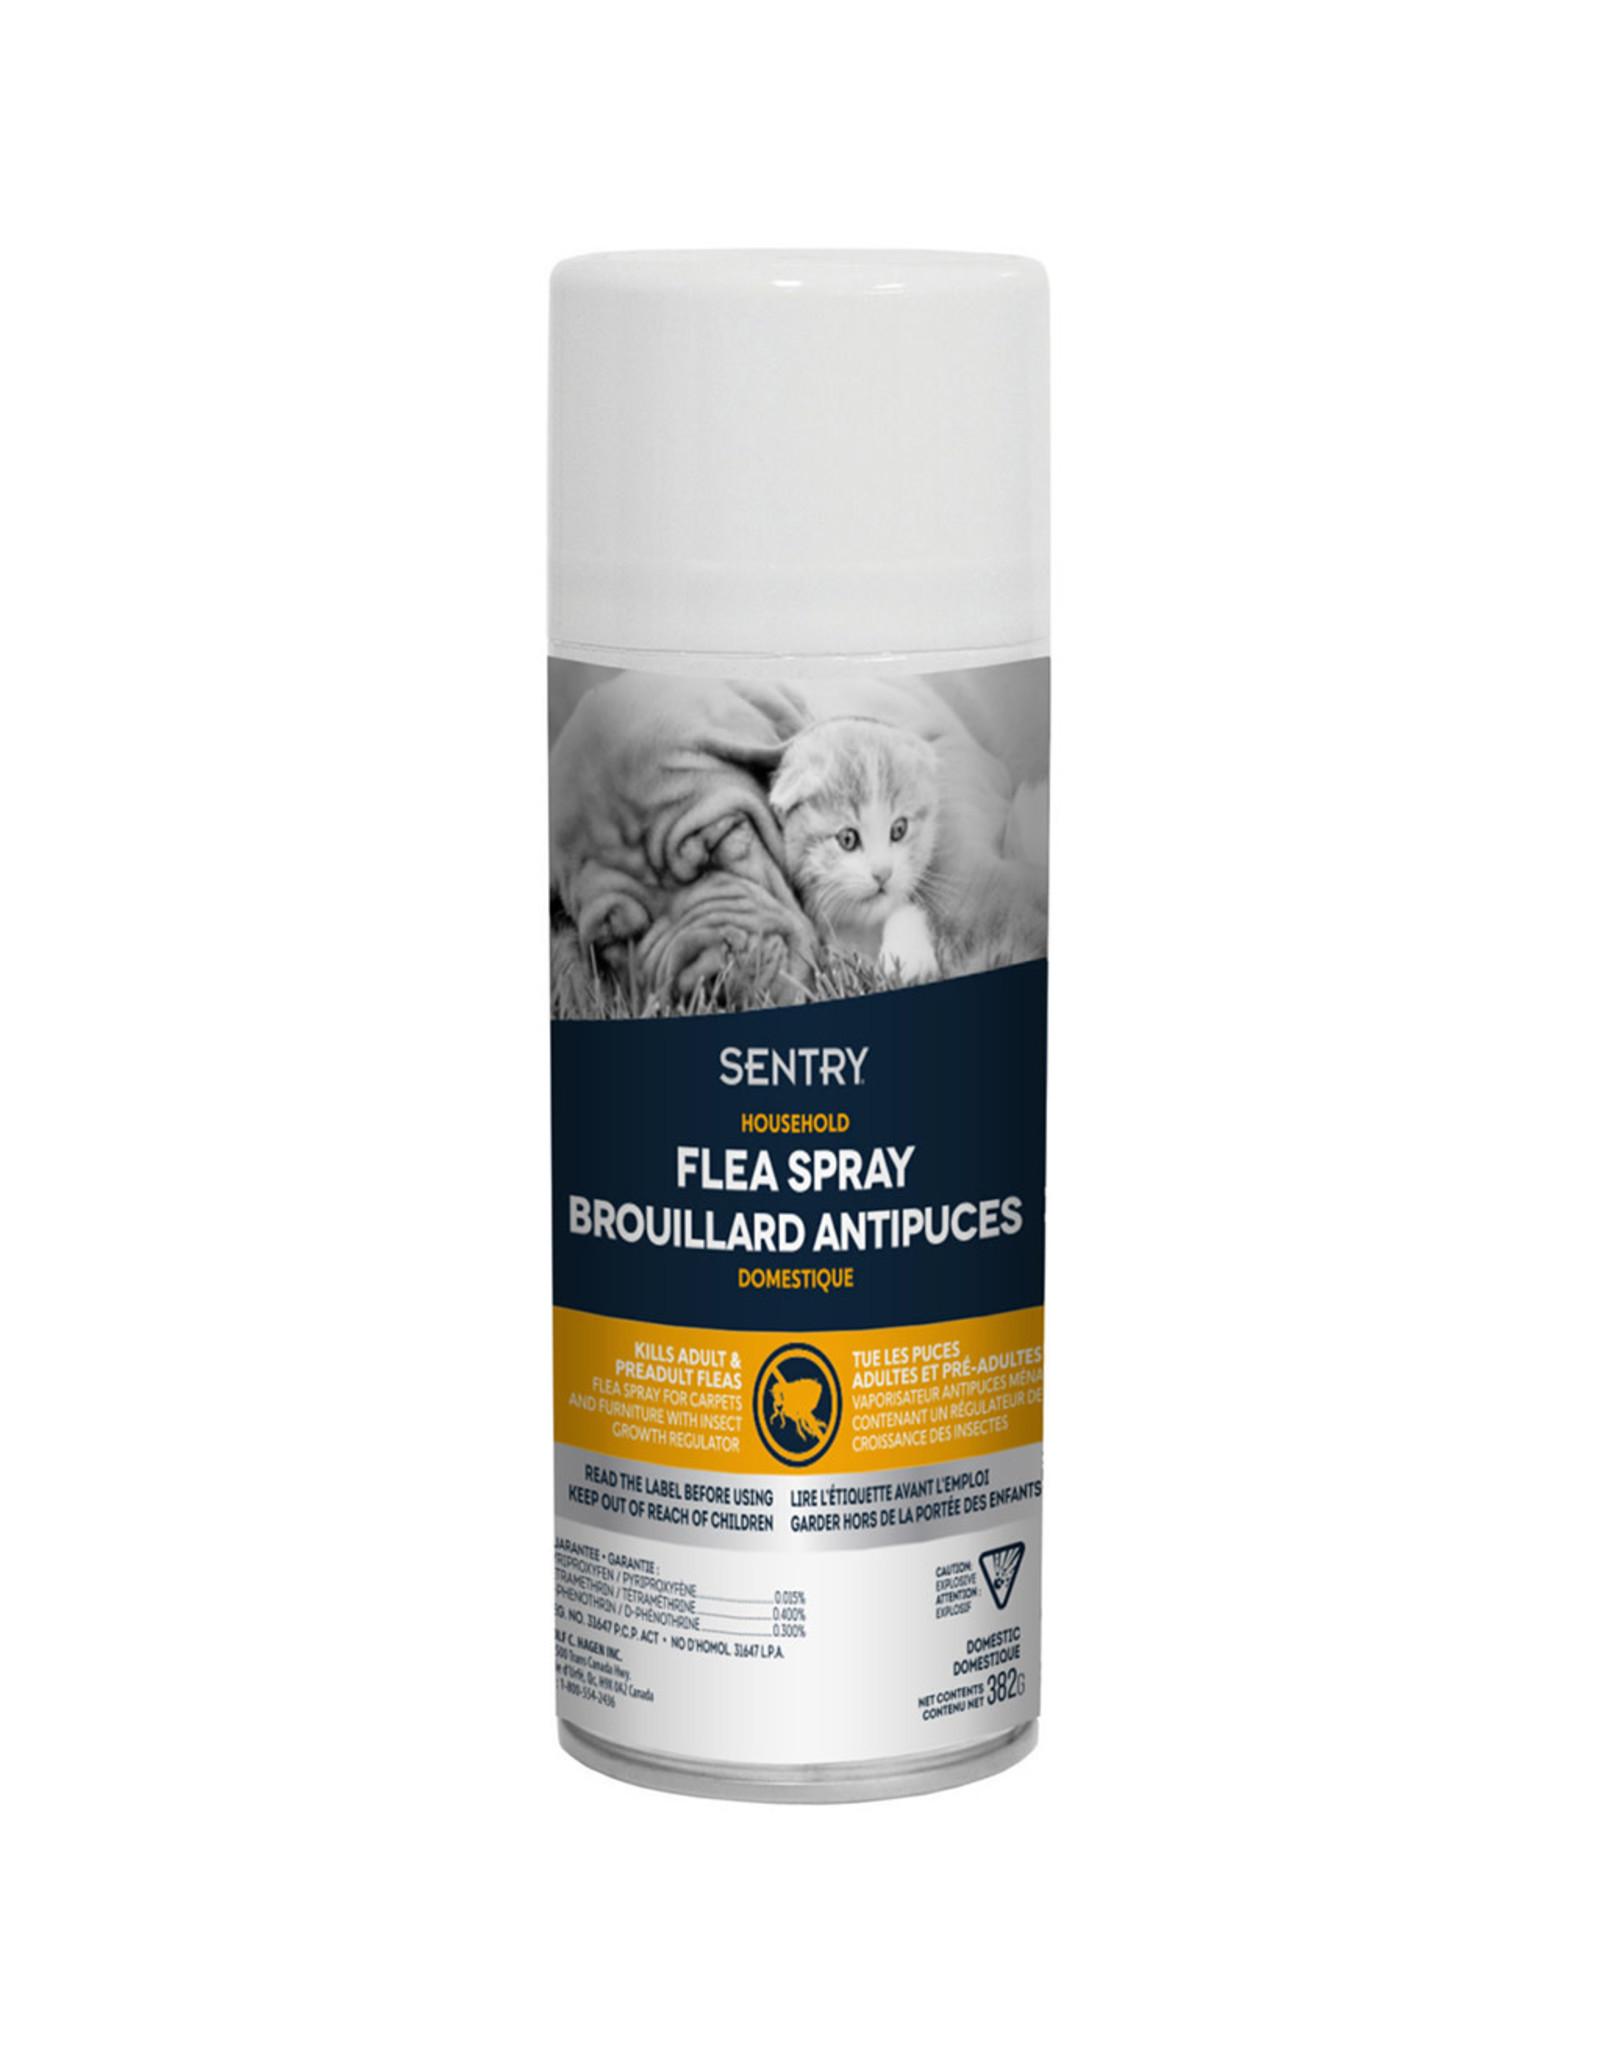 Sentry Household Flea & Tick Spray